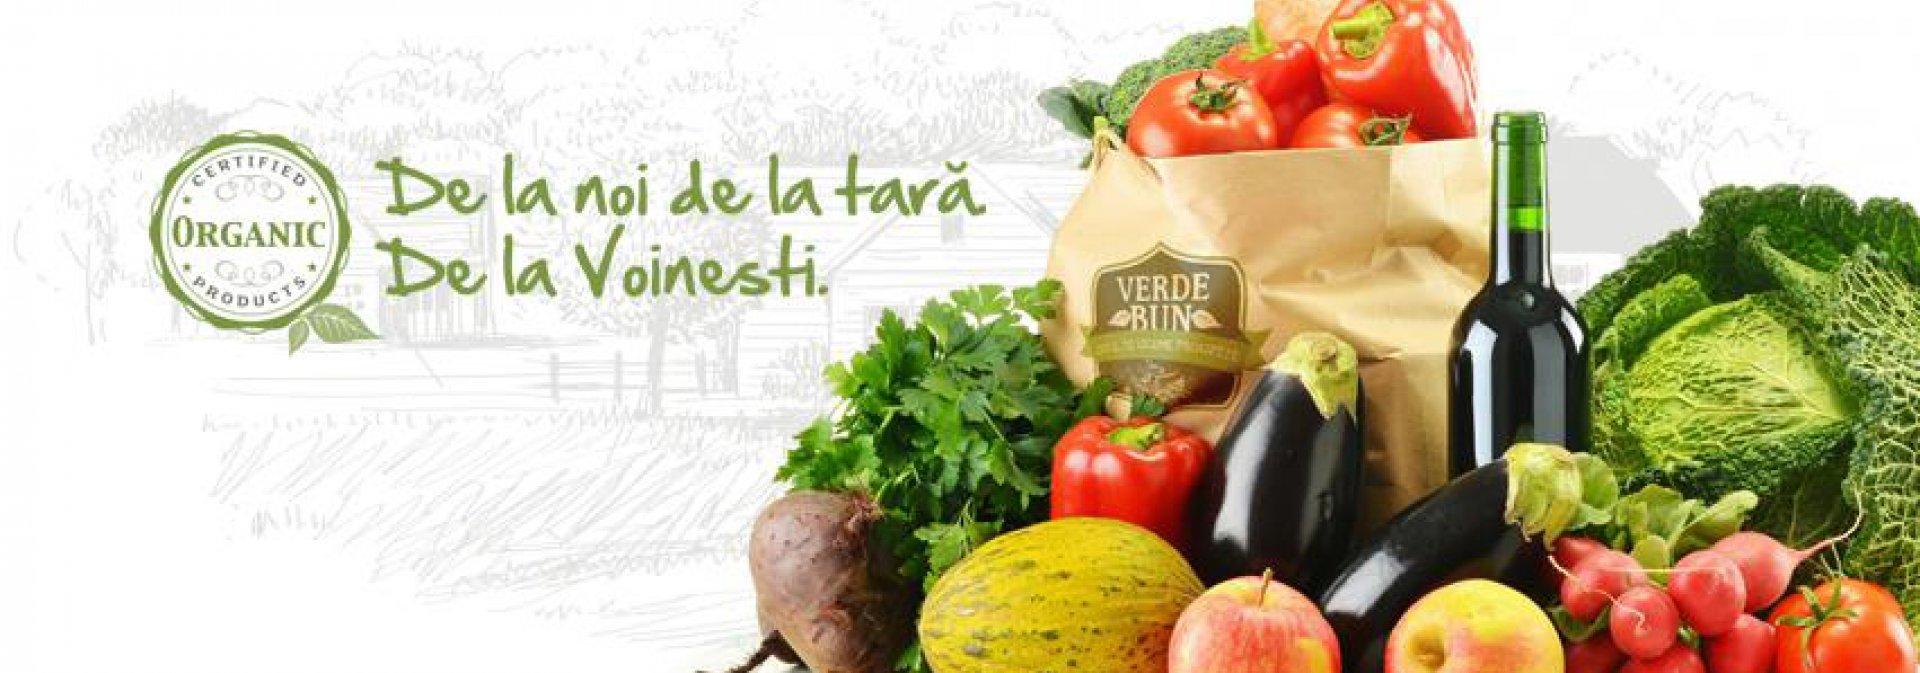 Verde Bun, Voinești, Iași